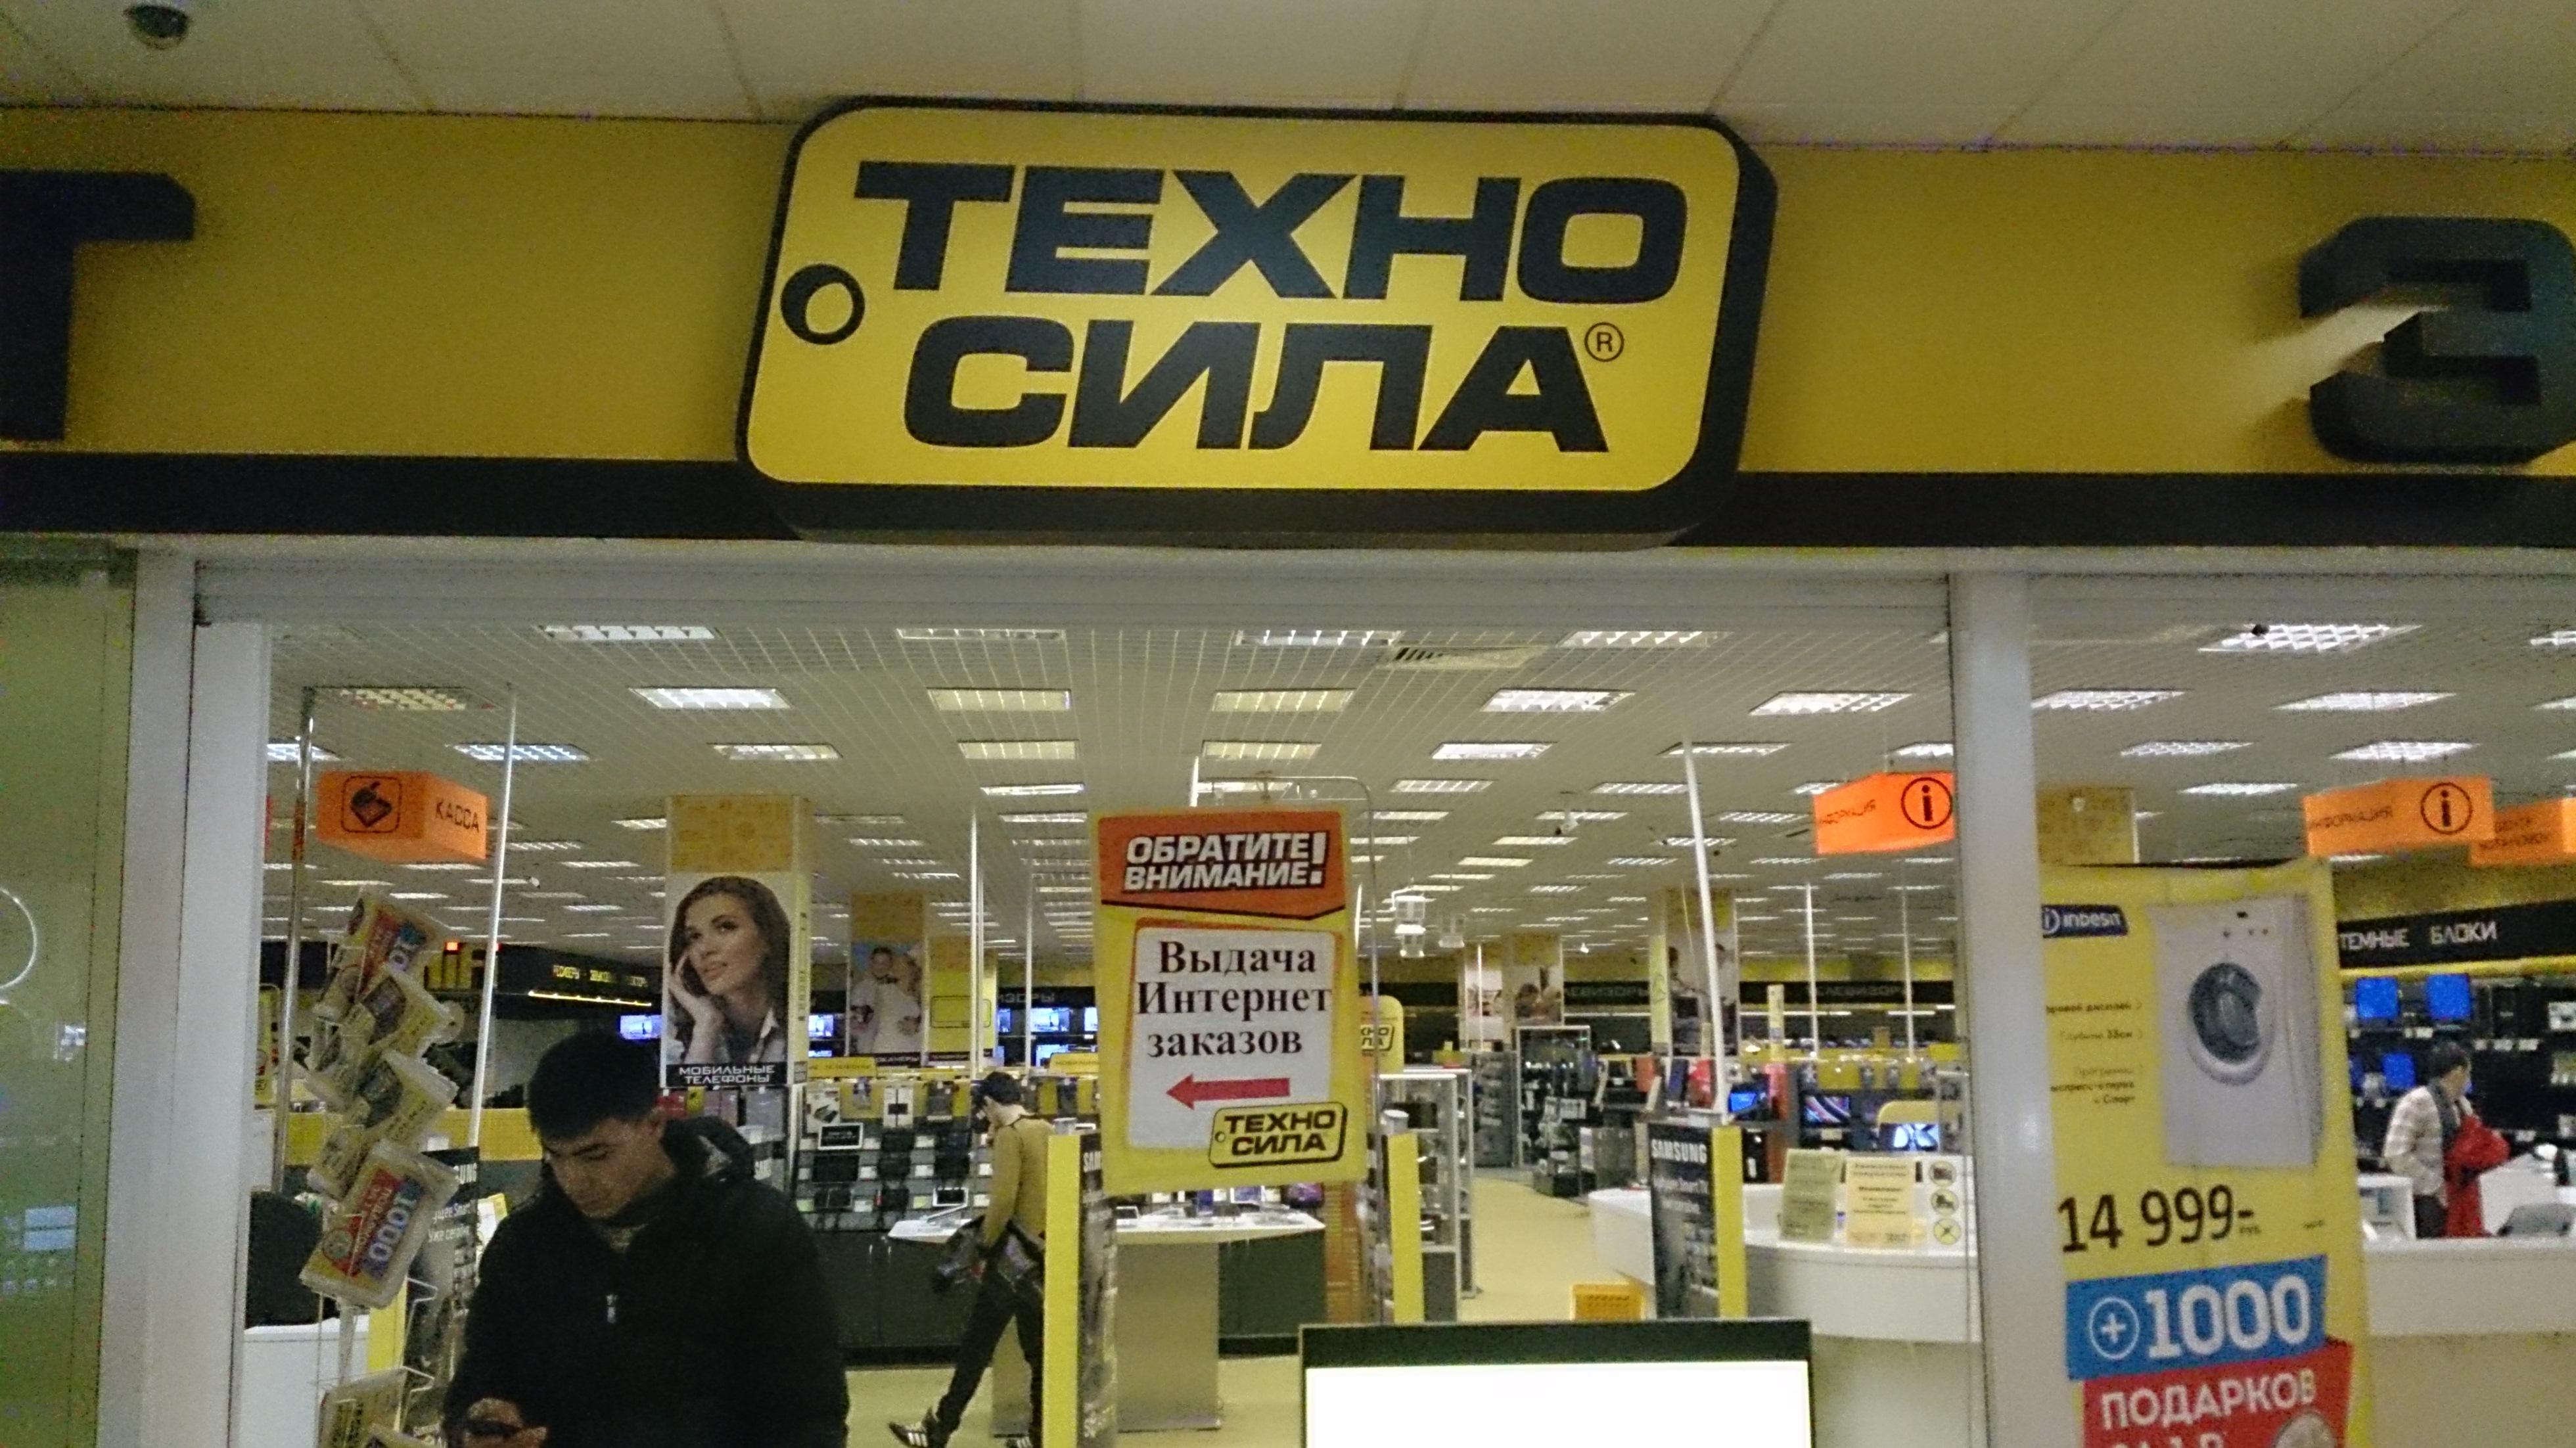 1+ компания эльдорадо - крупнейшая российская сеть магазинов бытовой техники и электроники